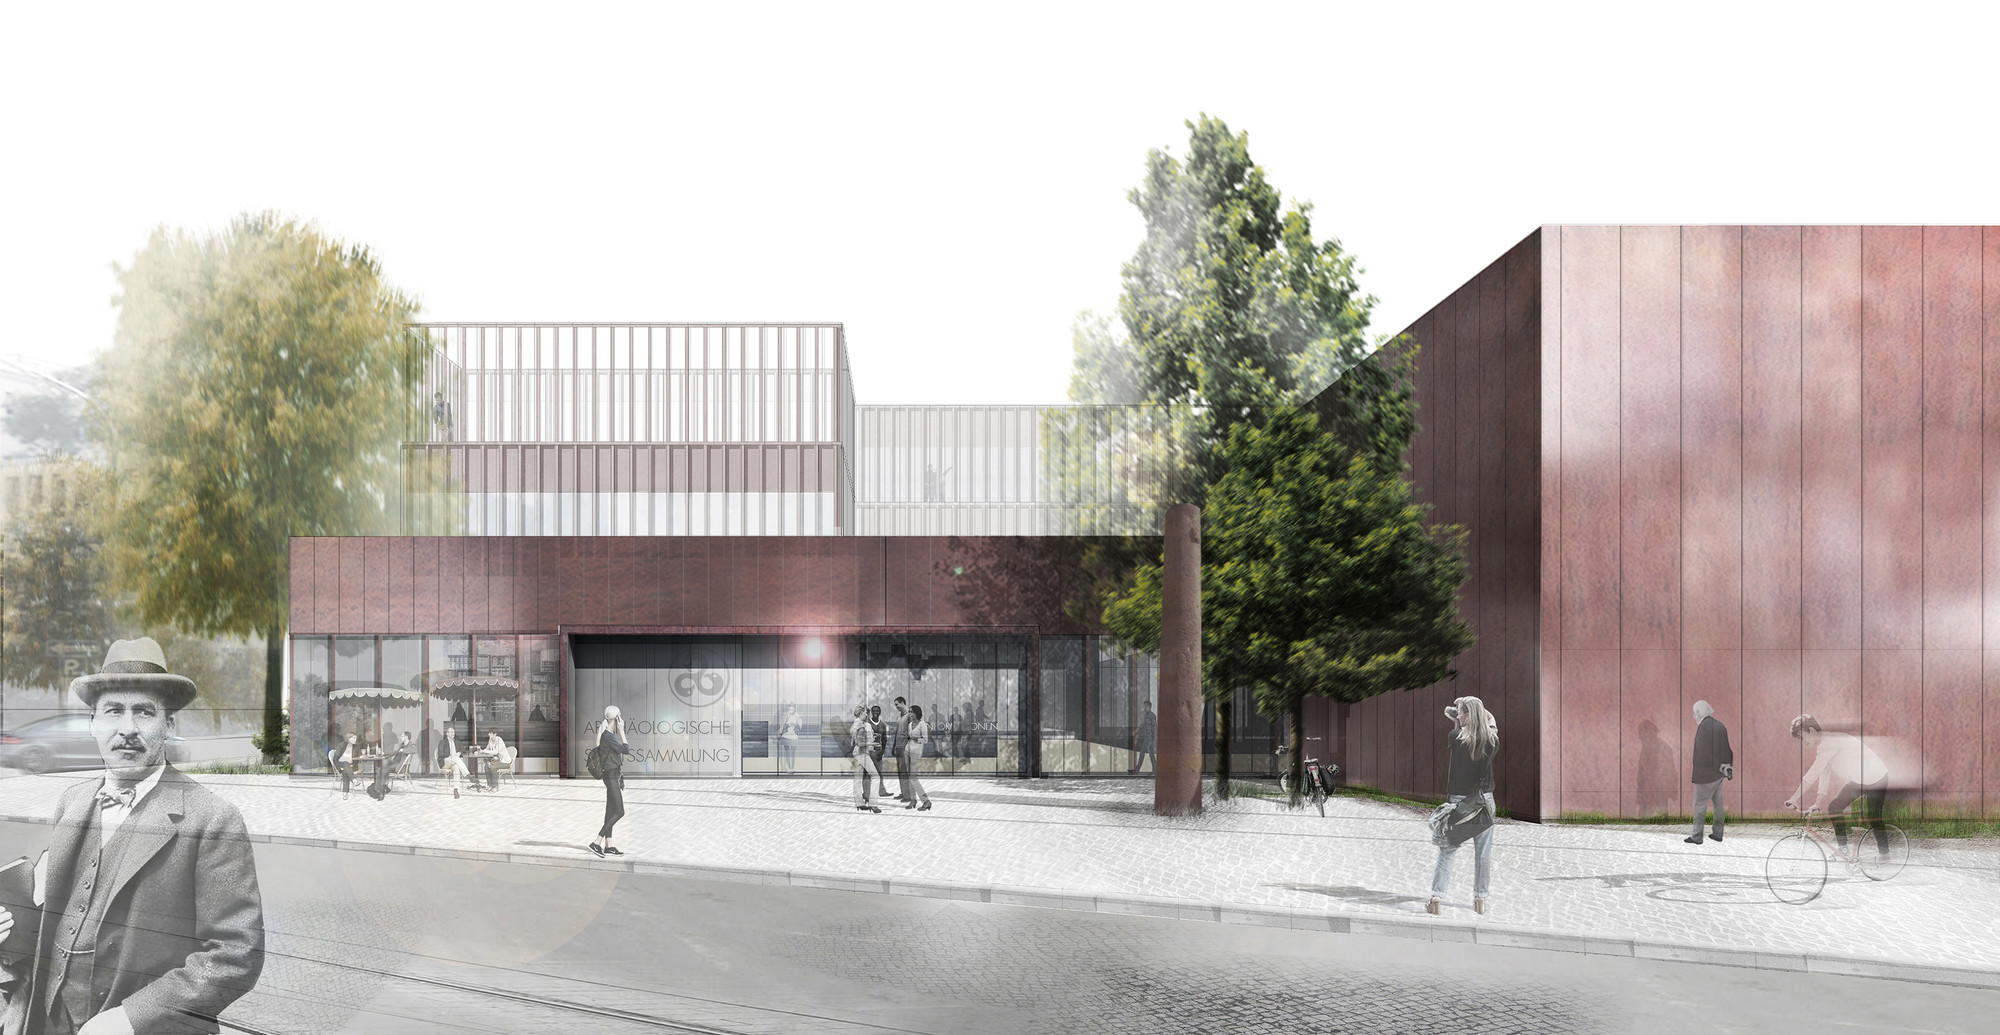 Nieto Sobejano Arquitectos restaurará y ampliará el Museo Arqueológico de Múnich, © Nieto Sobejano Arquitectos